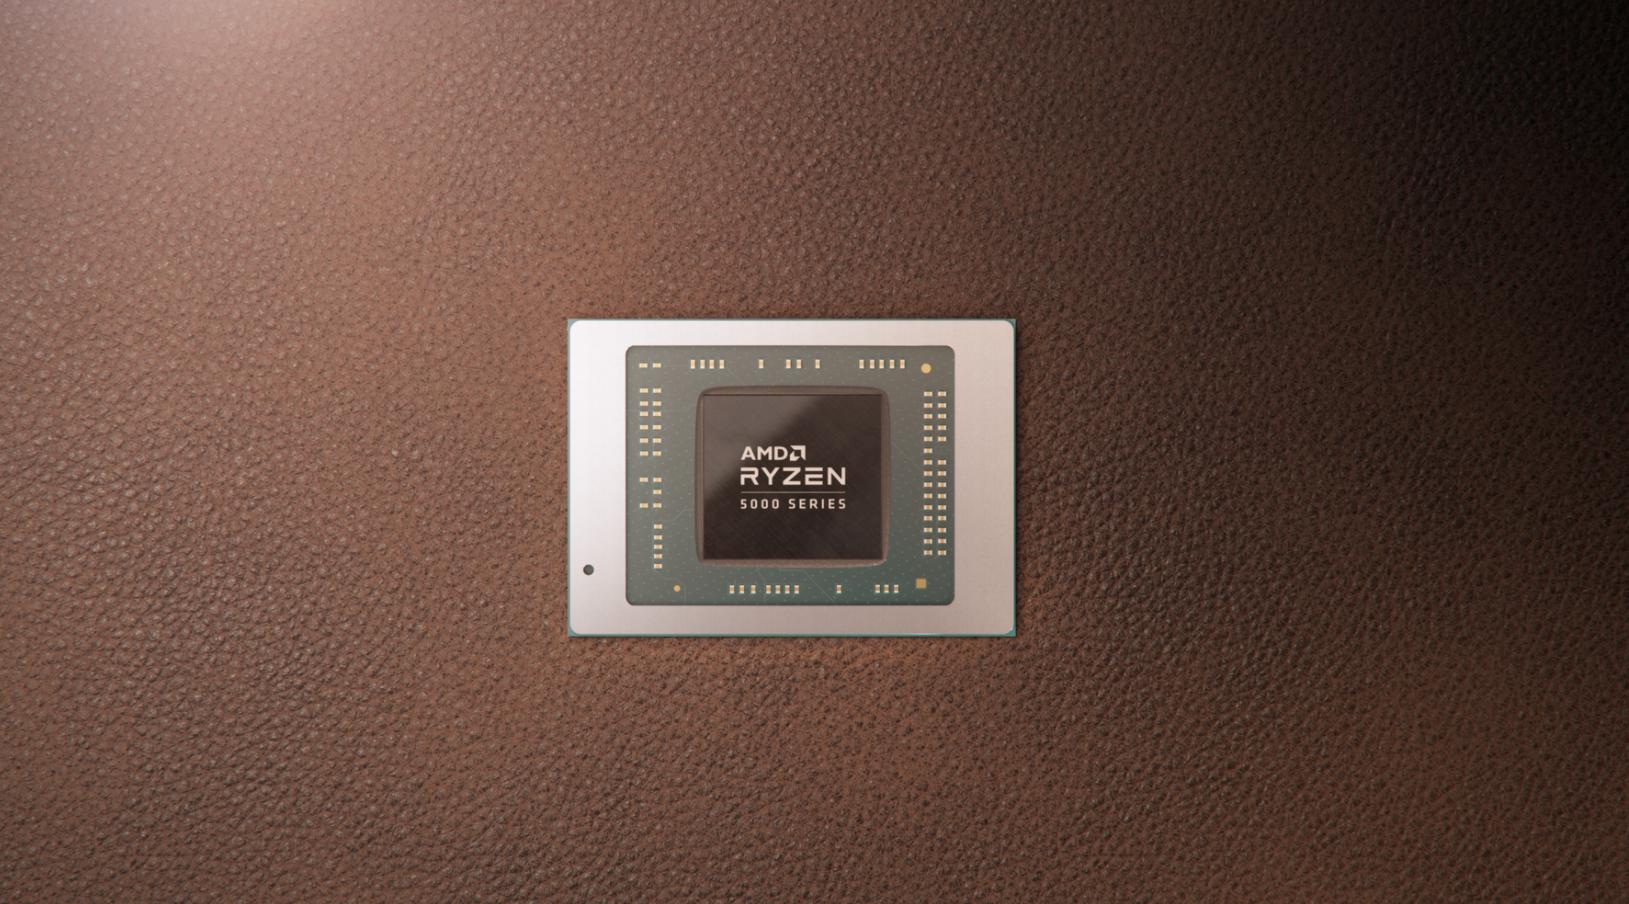 Ноутбуки на базе мобильных процессоров AMD Ryzen 5000 H-серии